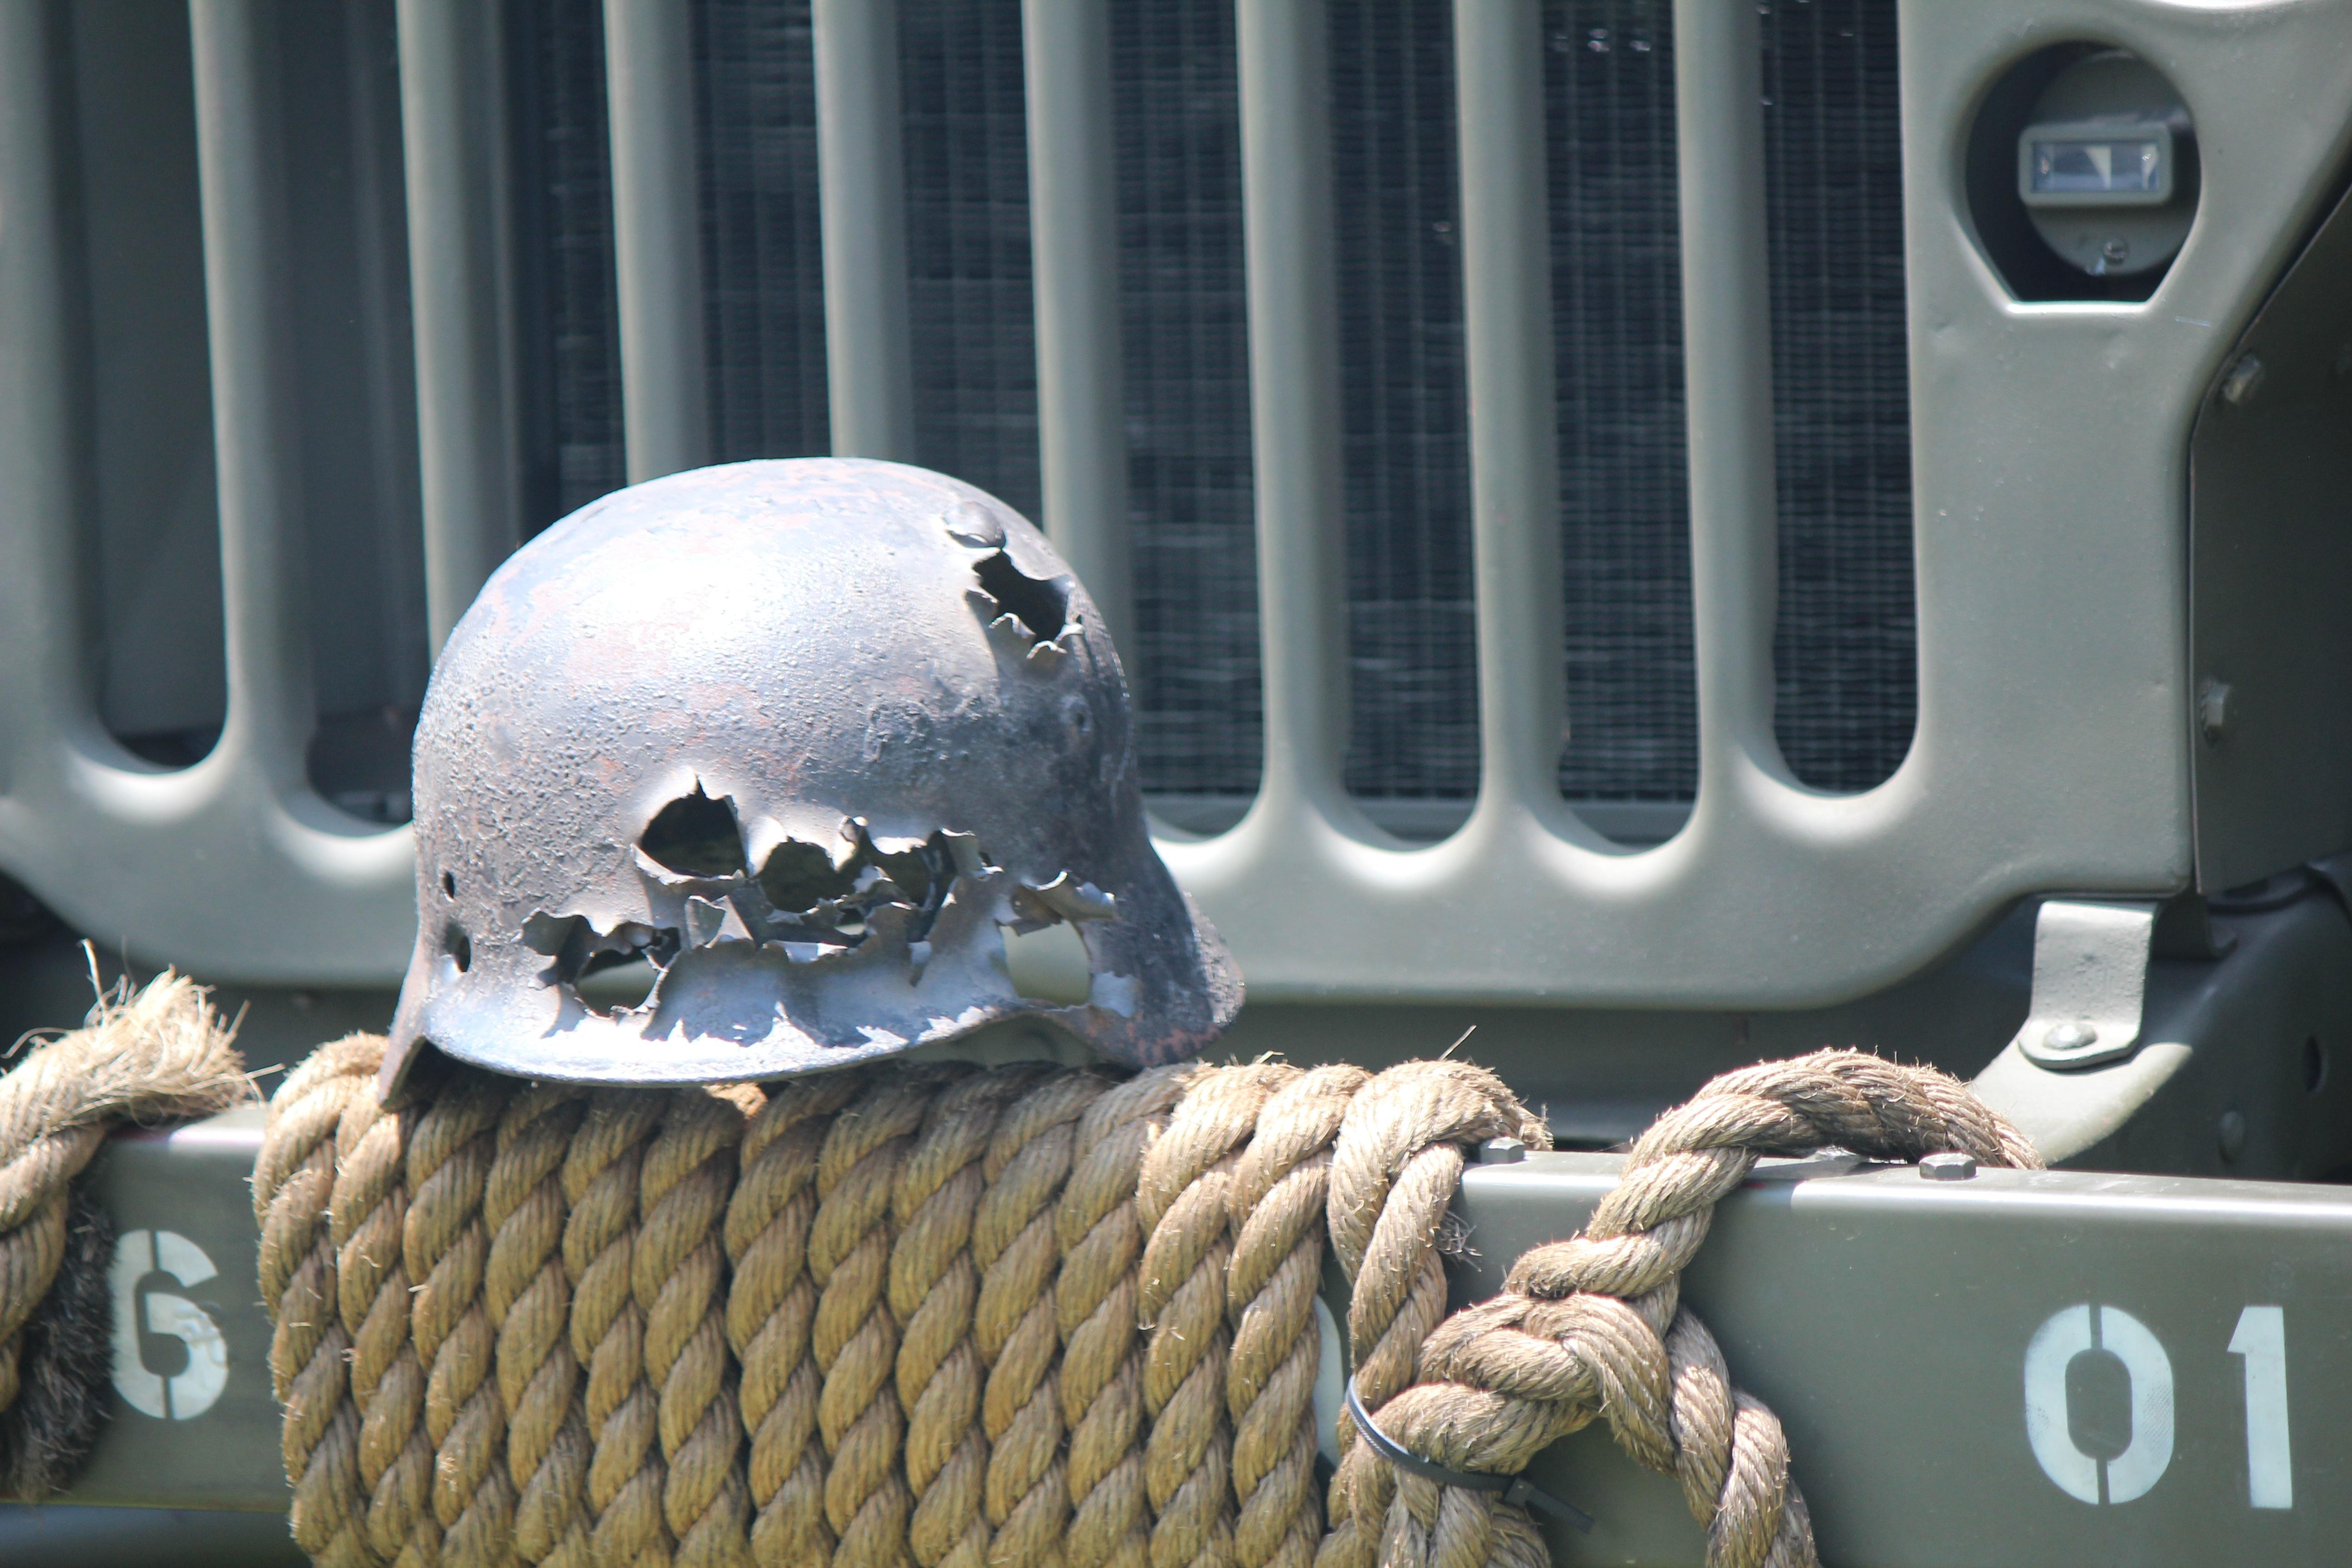 Images gratuites voiture cru antique rtro vieux jeep quipement conduire mort arme sculpture guerre bataille art amricain casque marin tuer munition attaque la seconde guerre mondiale altavistaventures Choice Image